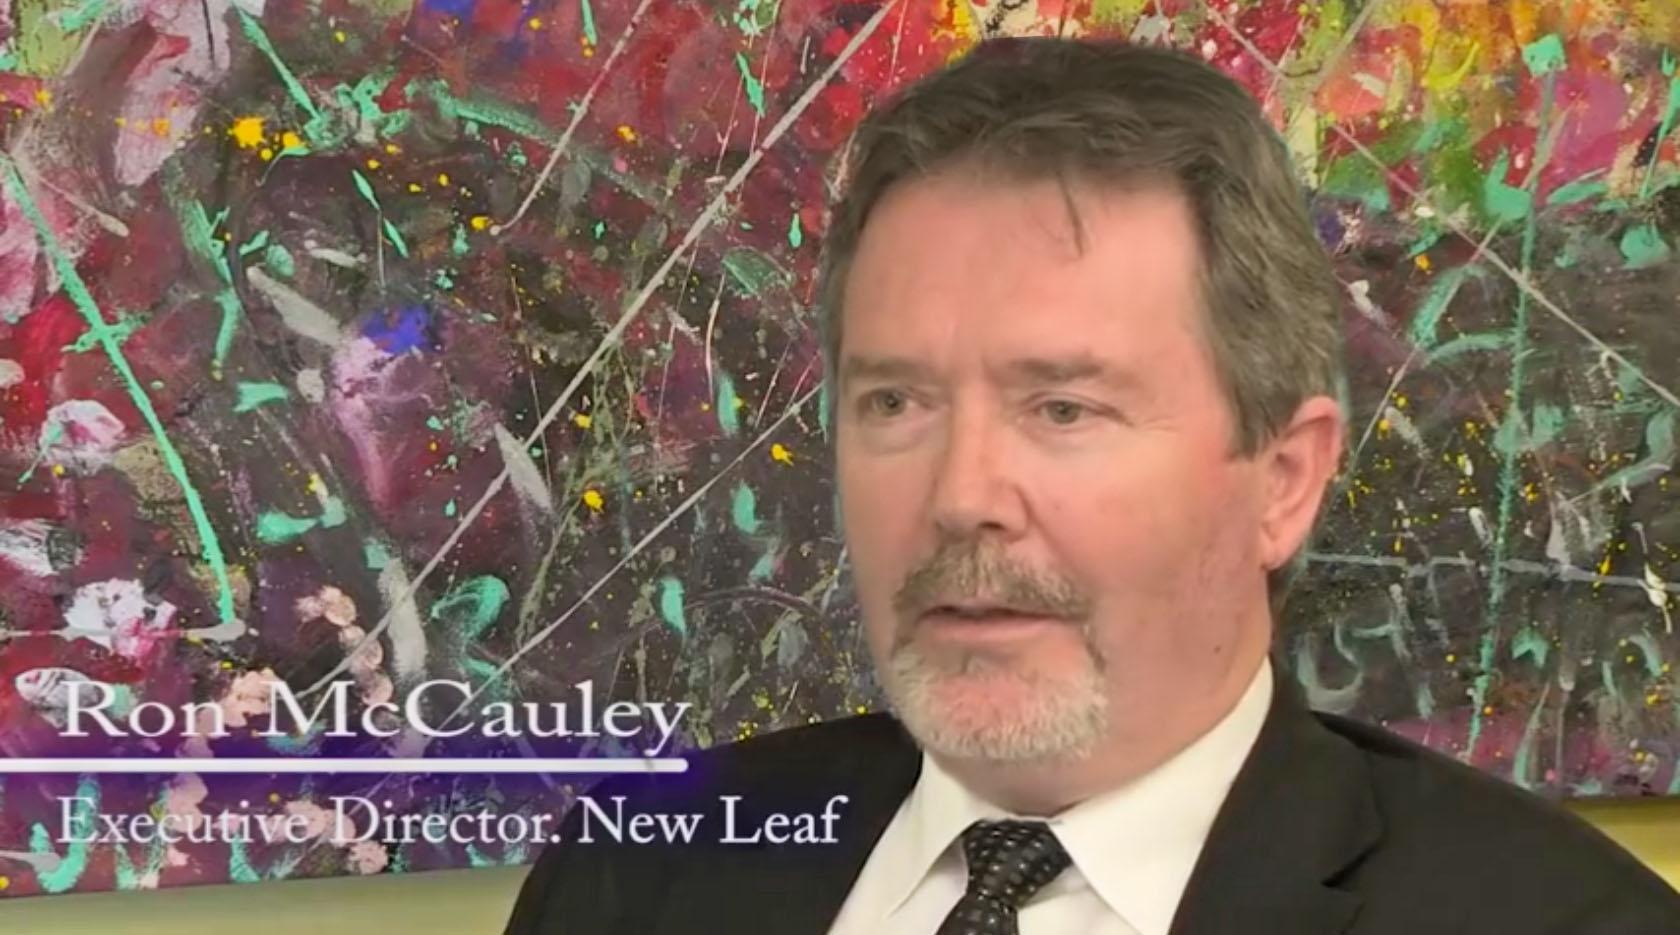 Ron McCauley Video